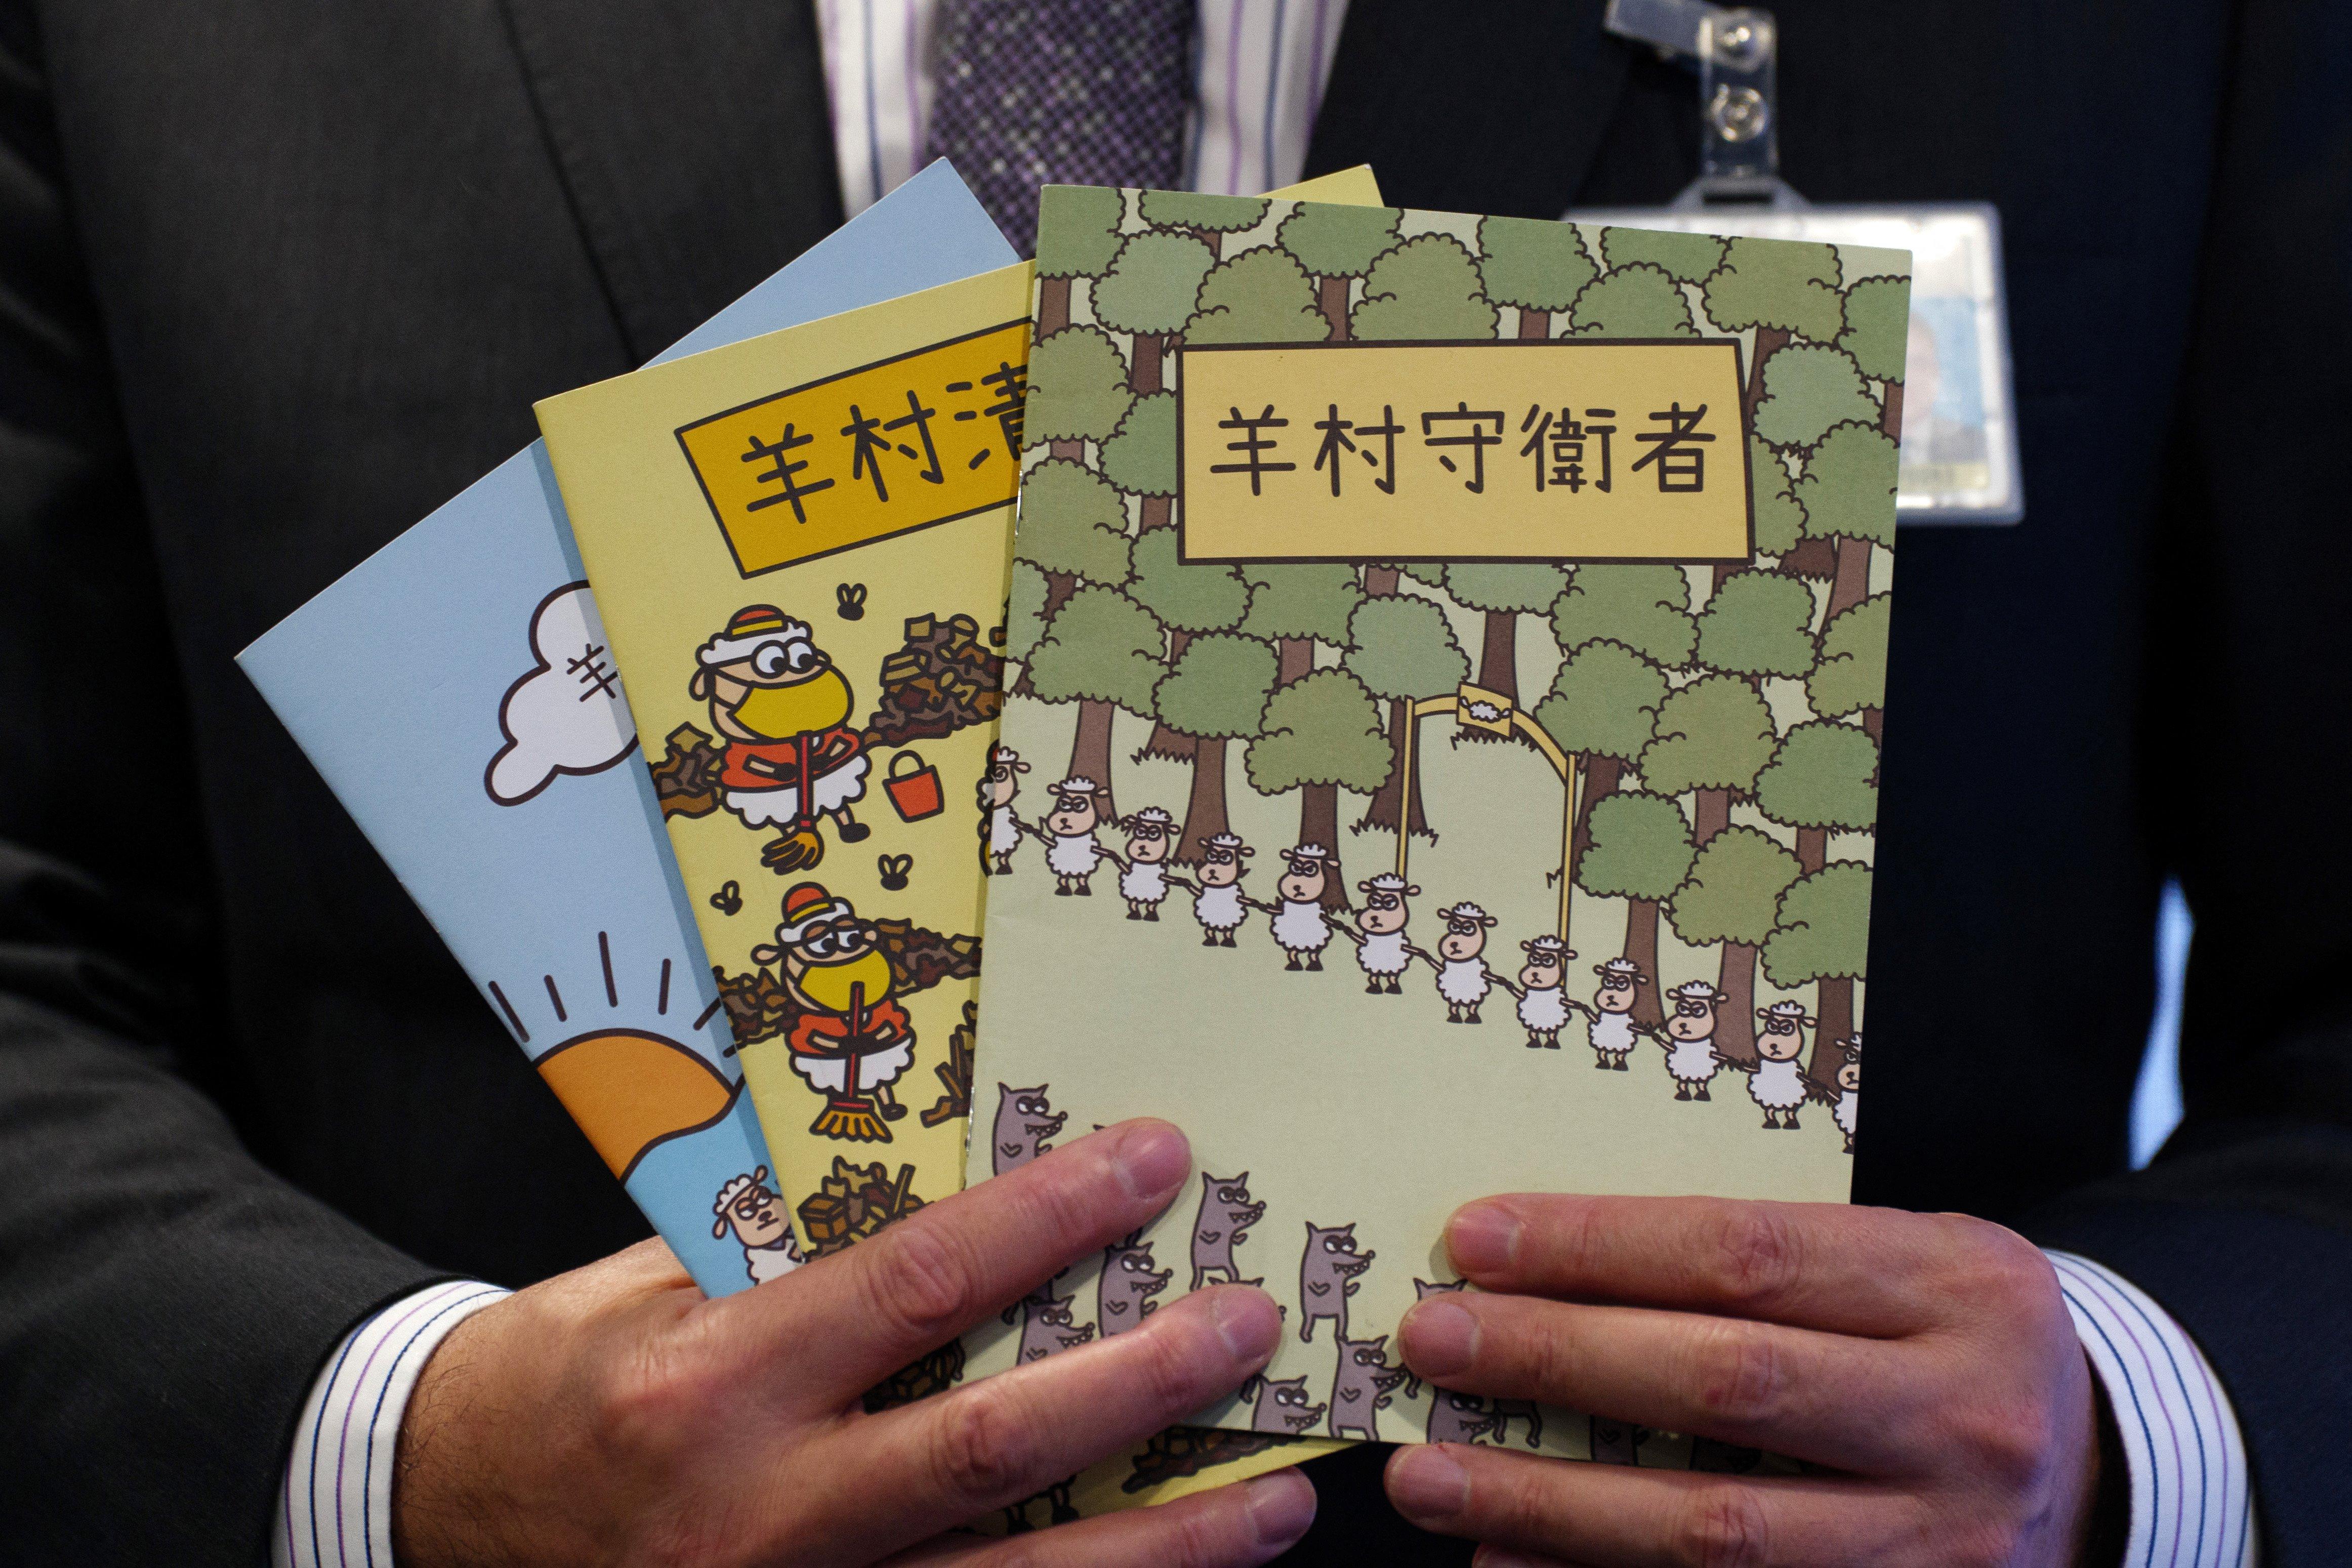 Egy bárányos mesekönyv miatt vették őrizetbe Hongkongban a beszédterapeuták szakszervezetének vezetőit